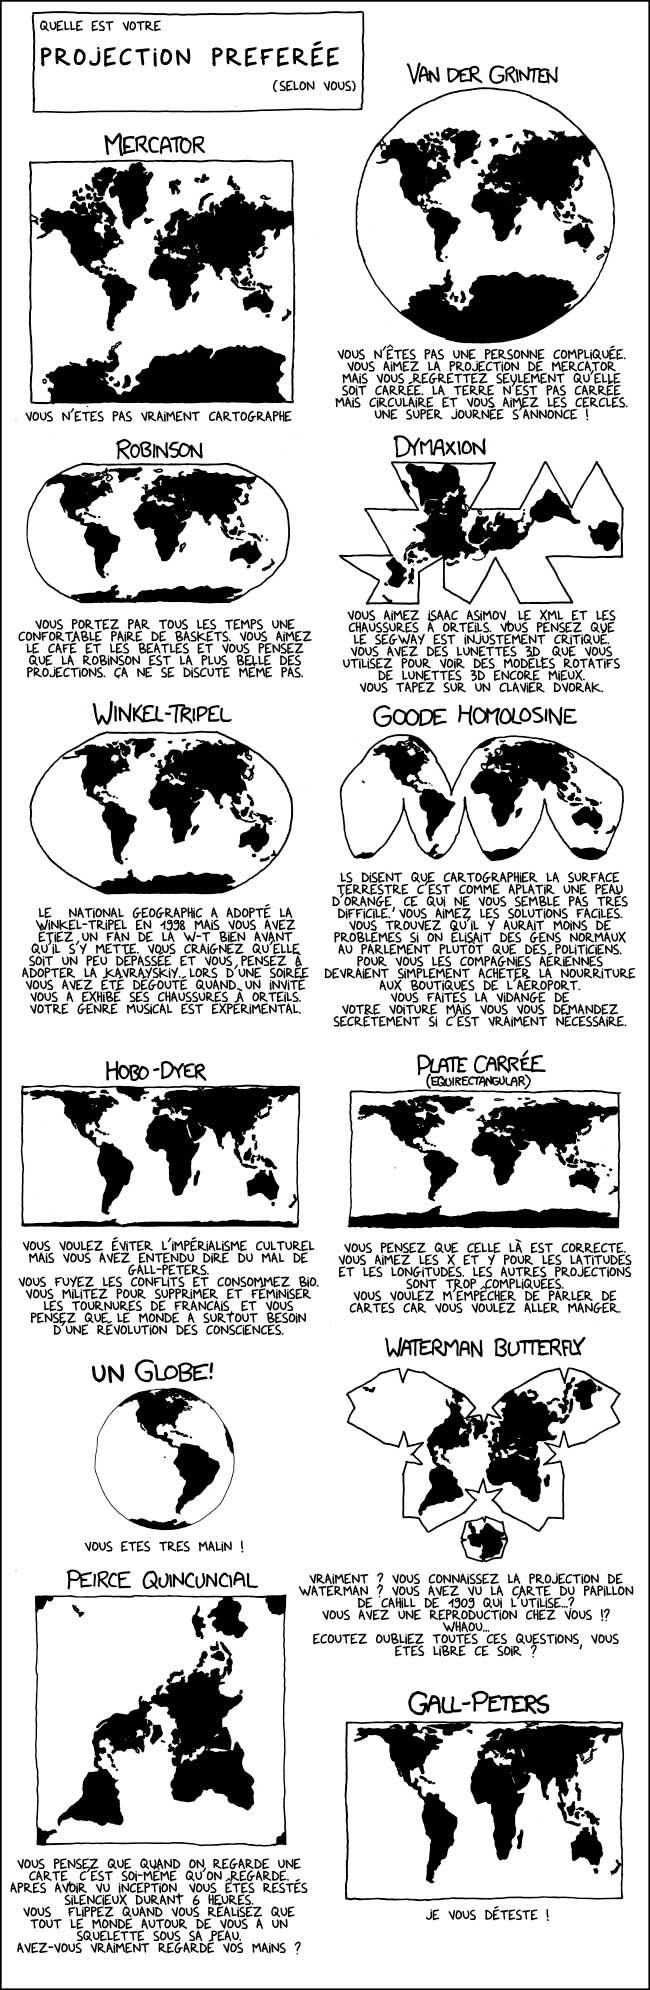 Comment ? Vous pensez que si je n'aime pas la carte de Peters c'est parce que je ne suis pas prêt à remettre en cause mes certitudes culturelles ? Êtes-vous sûr que ce n'est pas vous qui vous … ::il met ses lunettes de soleil:: … projetez ?